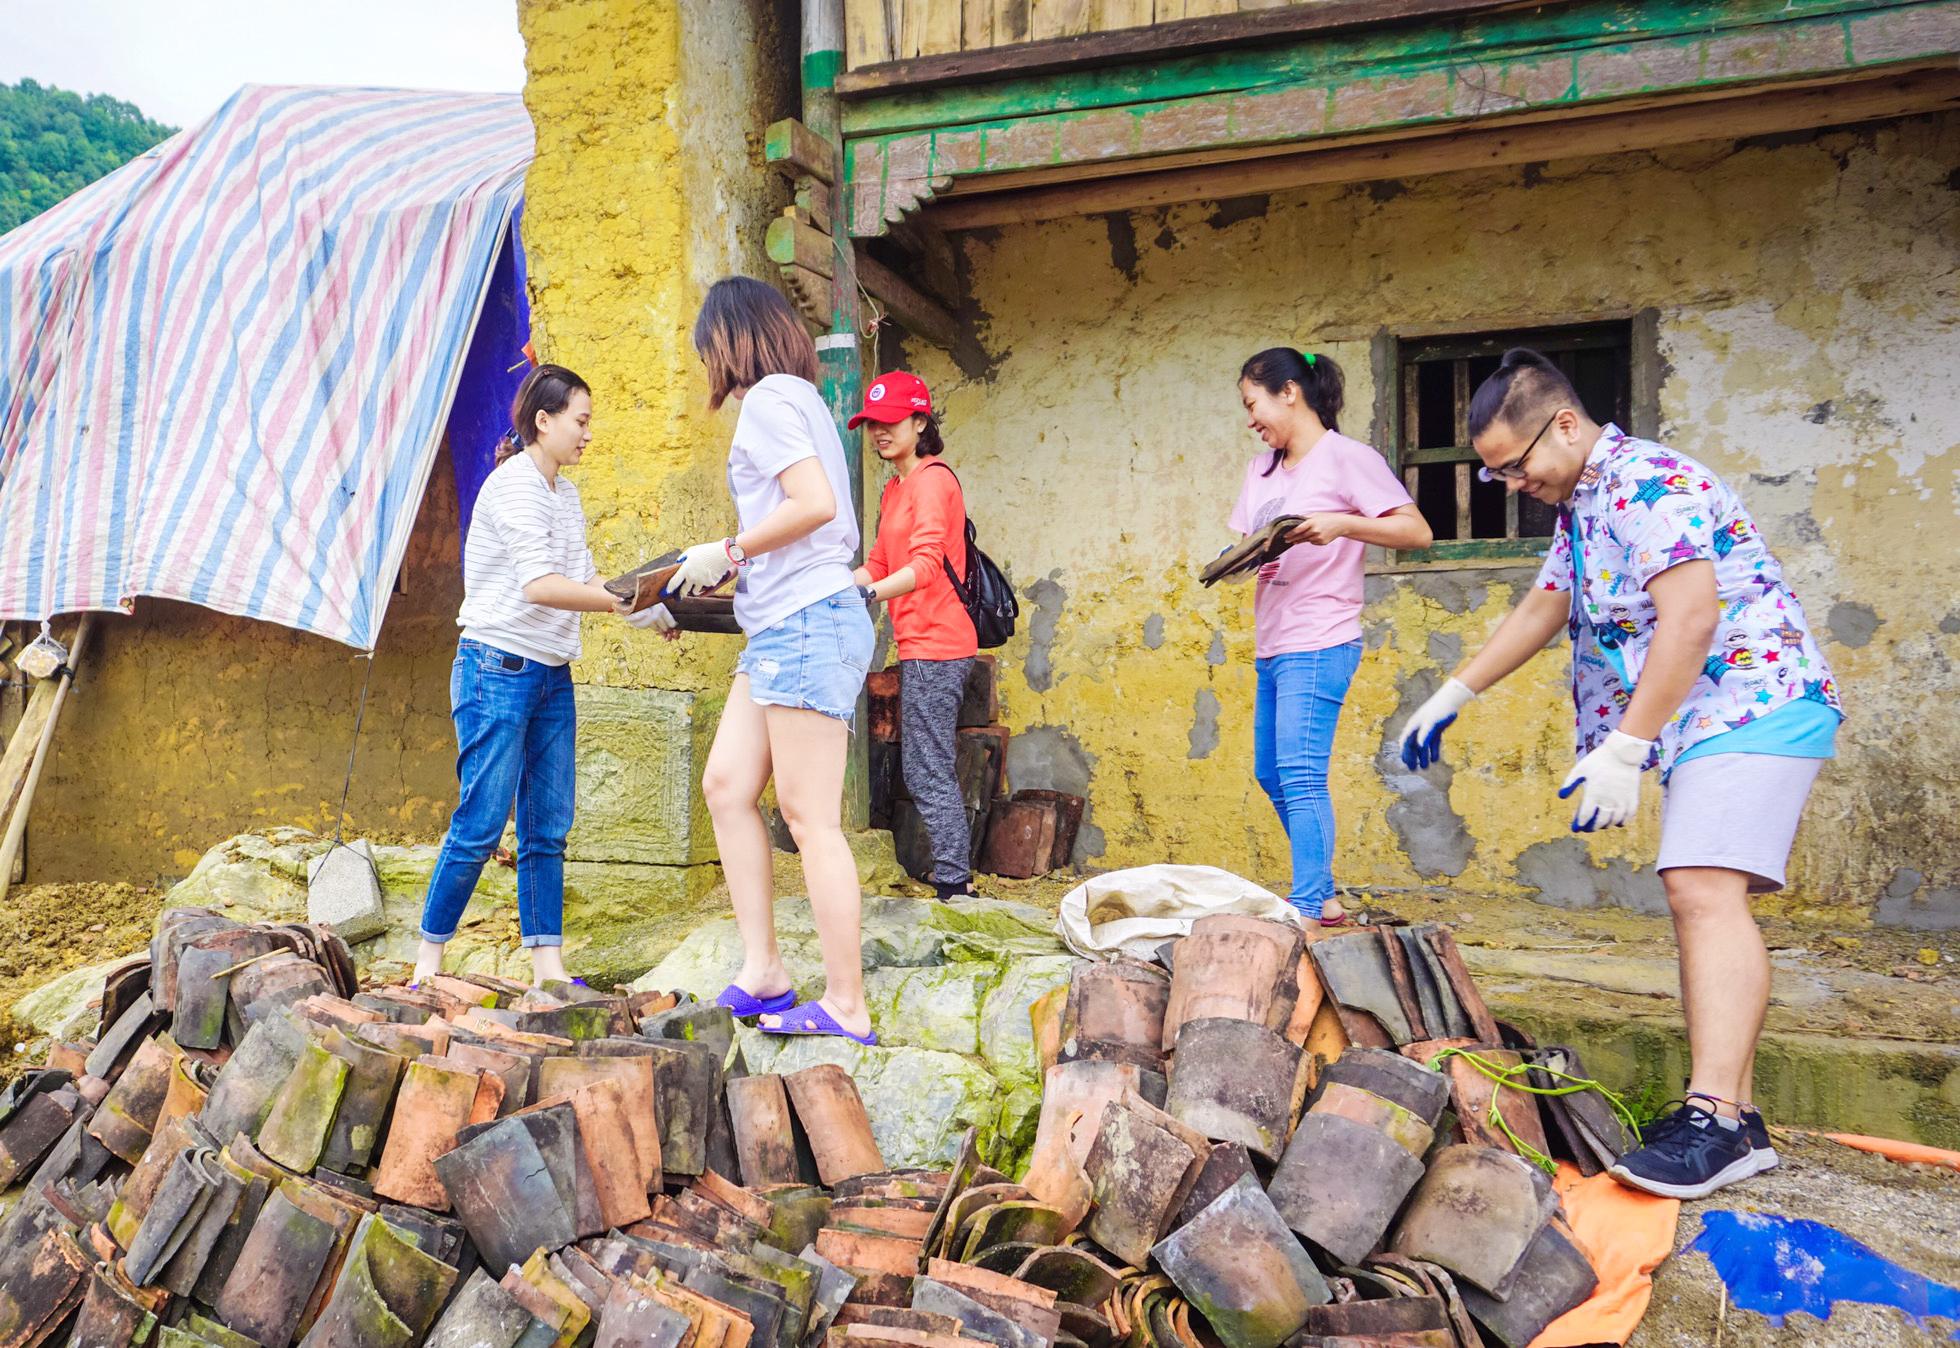 Nhóm tình nguyện V.E.O hỗ trợ chủ homestay từ những viên gạch đầu tiên (Ảnh do nhân vật phỏng vấn cung cấp cho PV)